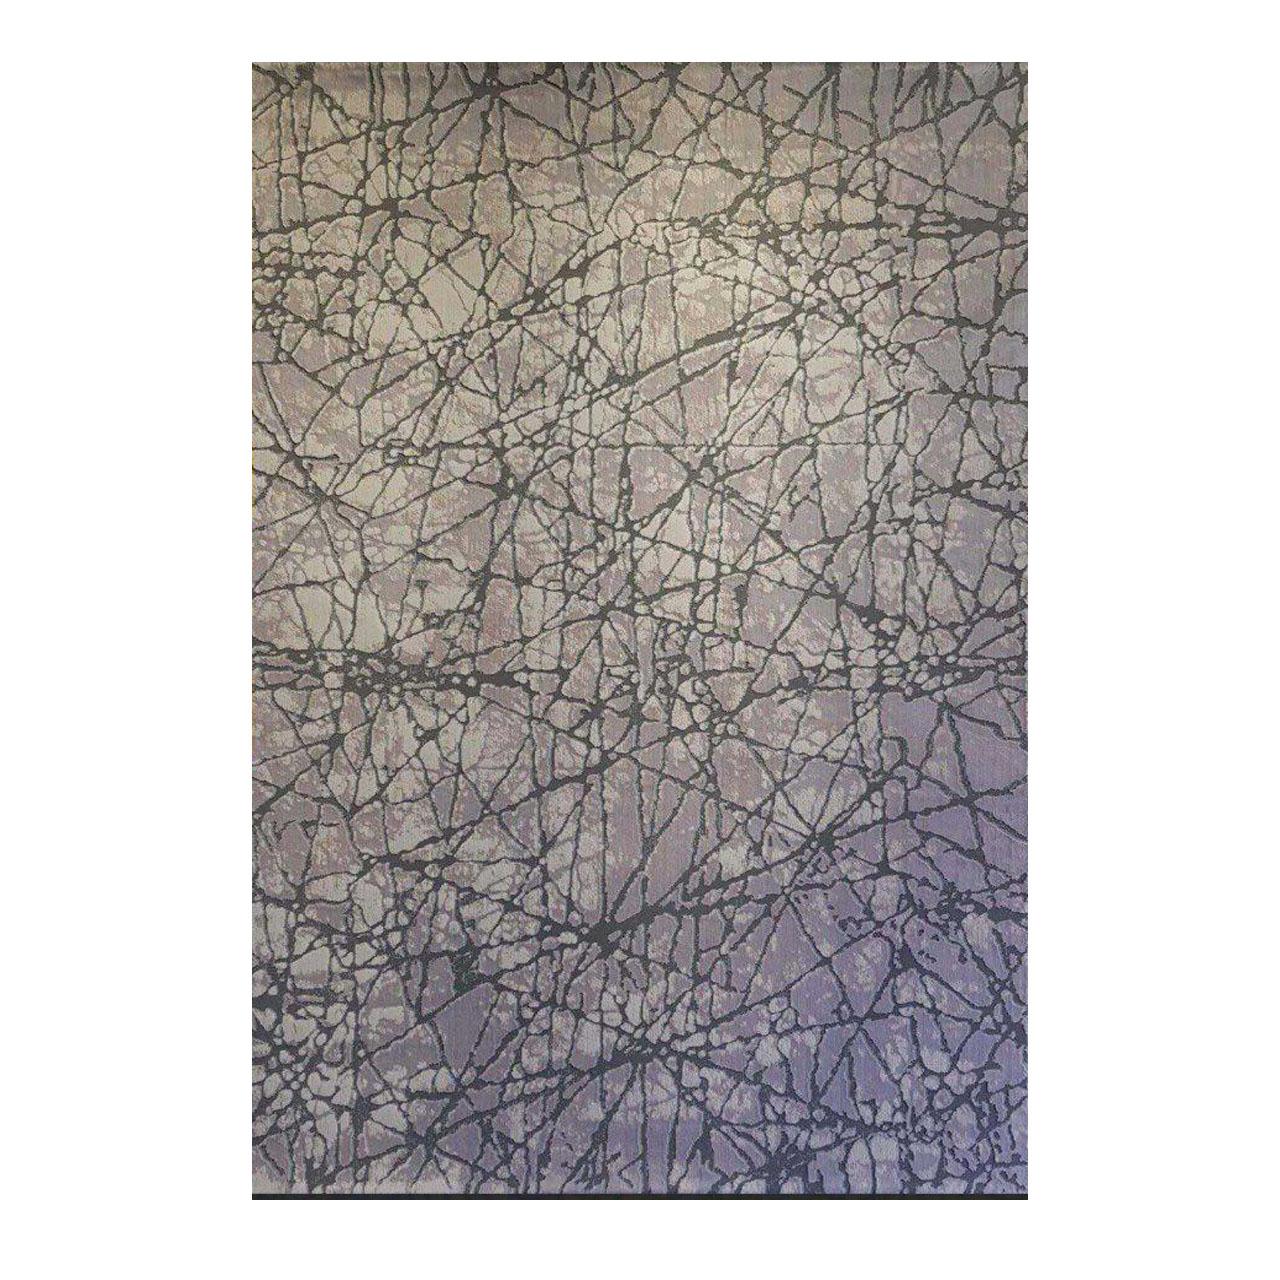 فرش ماشینی طرح پلاتینیوم کد 5025 زمینه طوسی